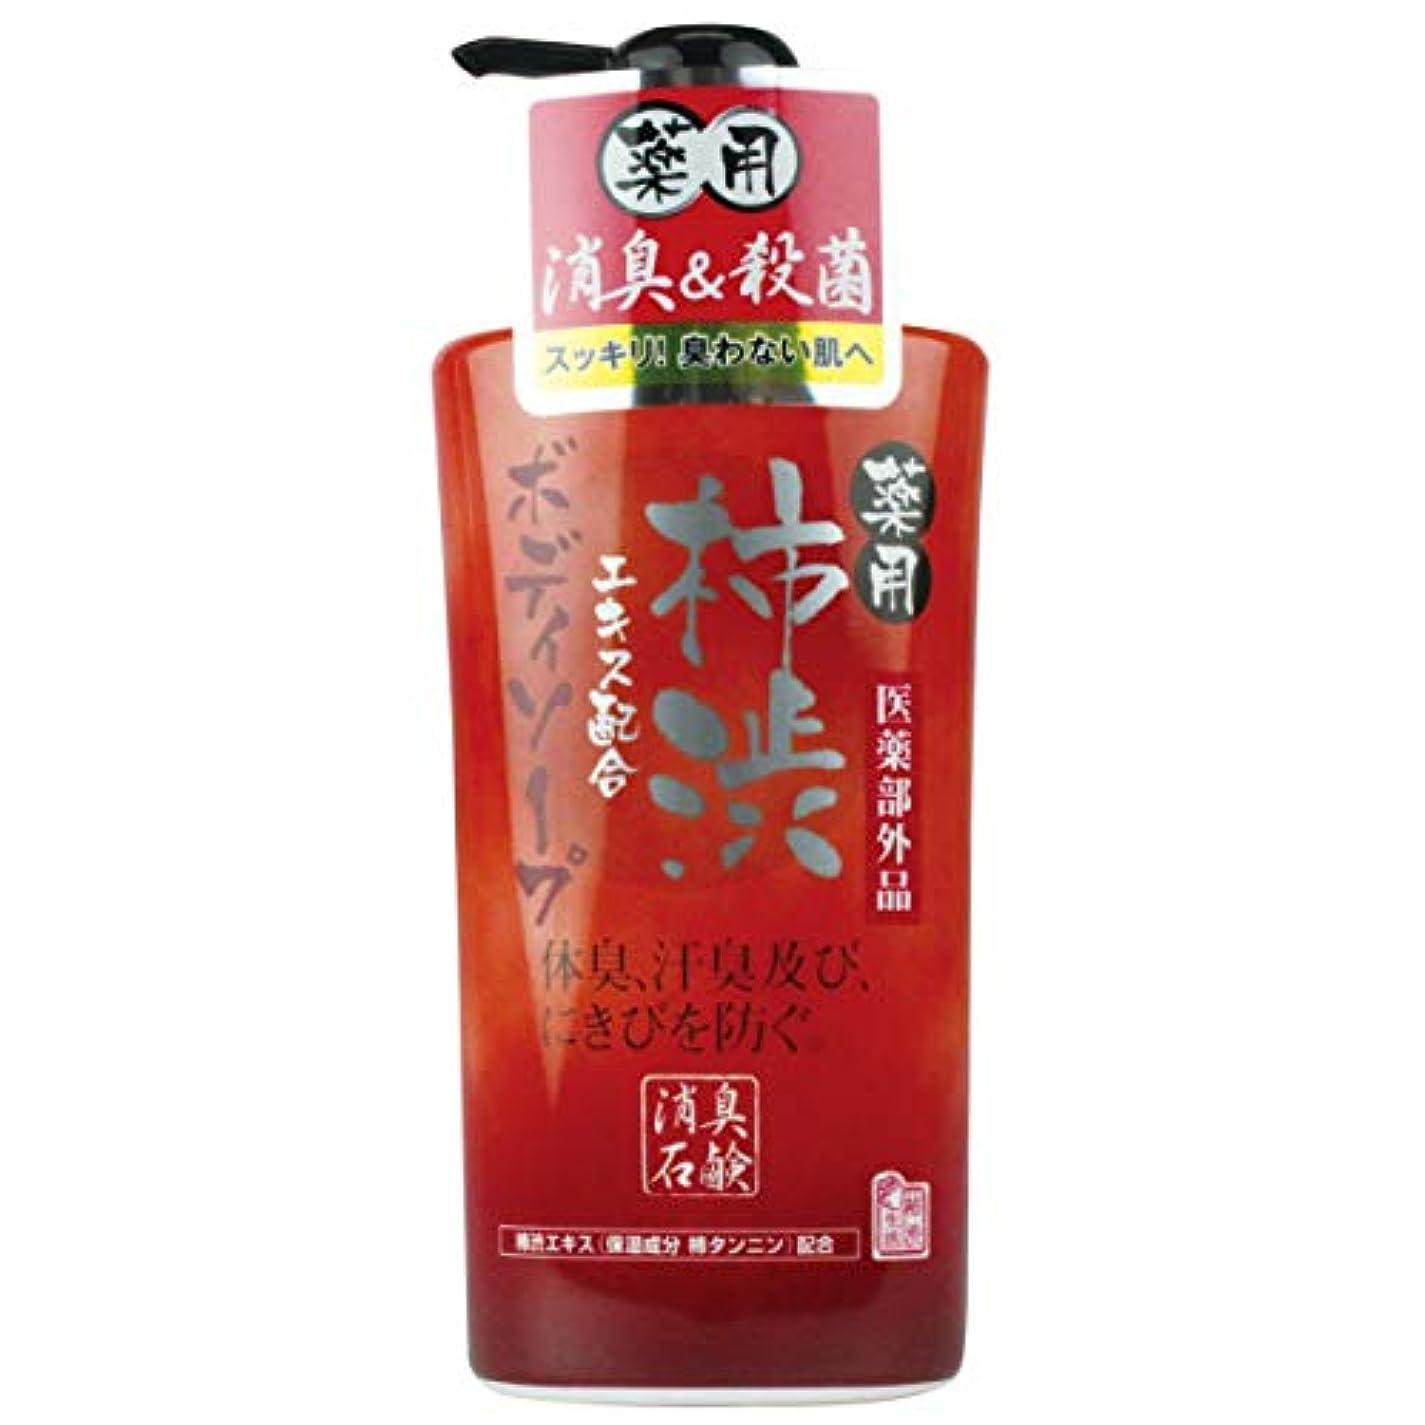 ギャラリーれんがエンコミウム薬用柿渋 ボディソープ 550mL 【医薬部外品】